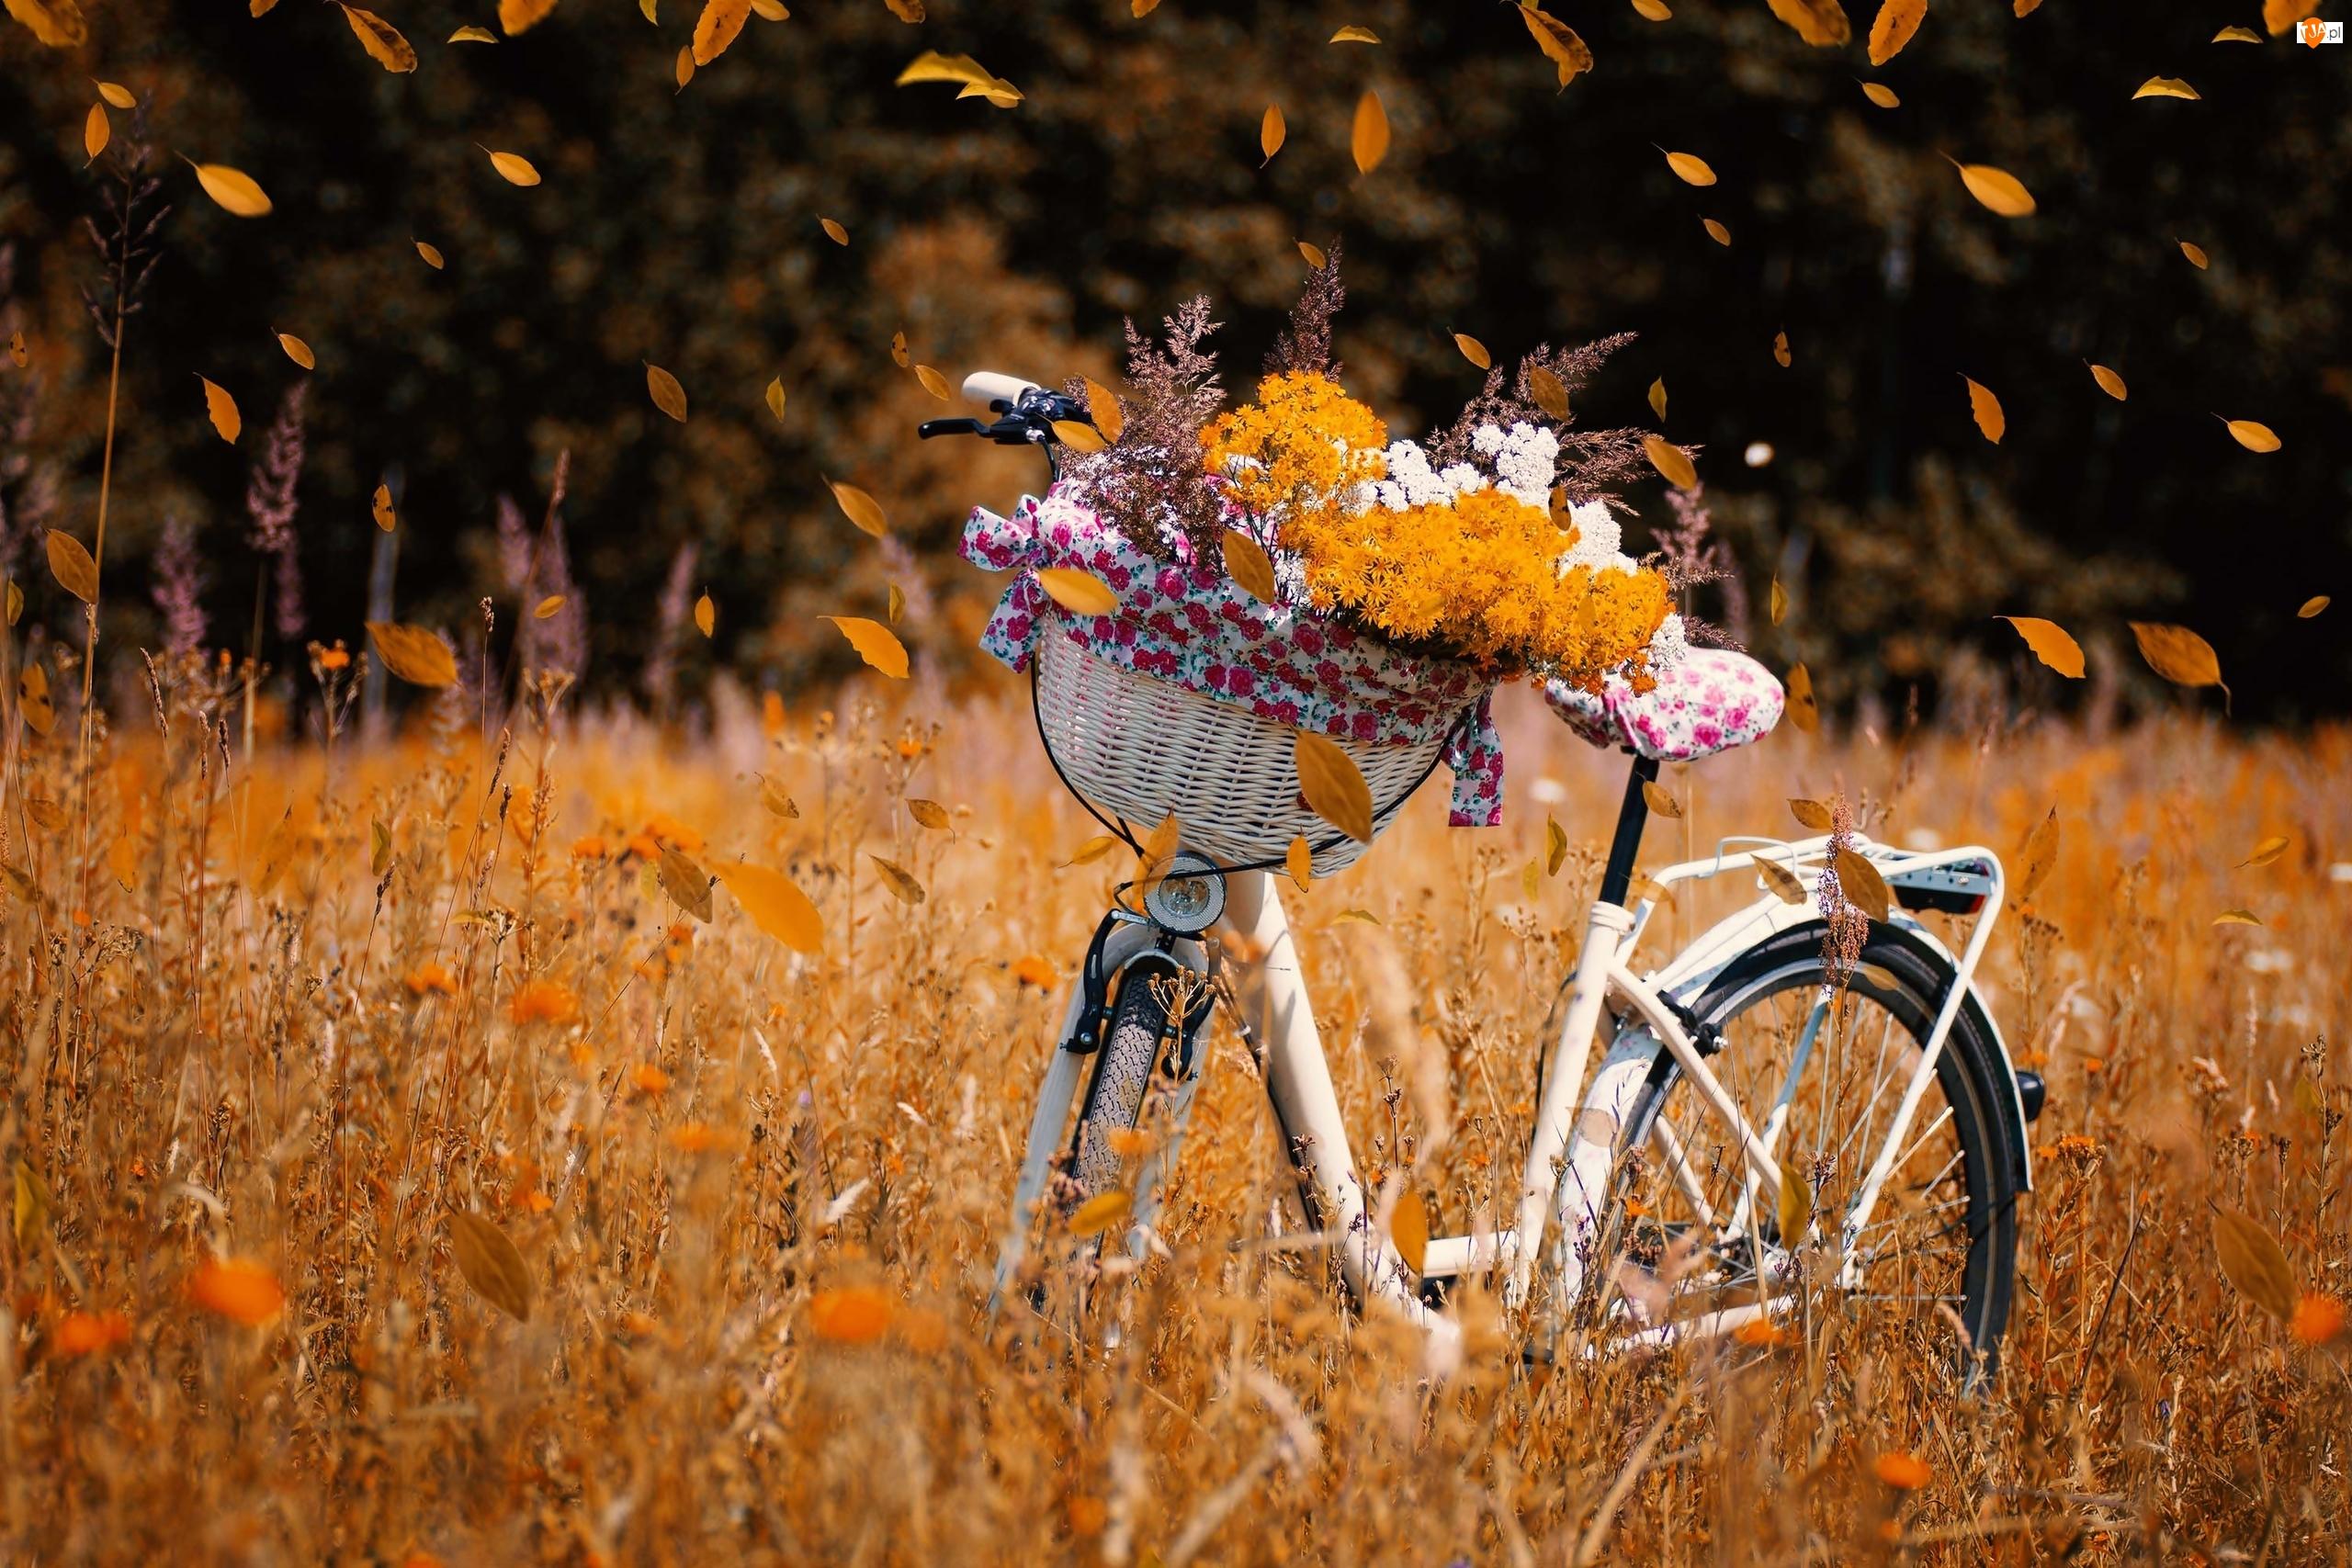 Koszyk, Rower, Łąka, Jesień, Kwiaty, Liście